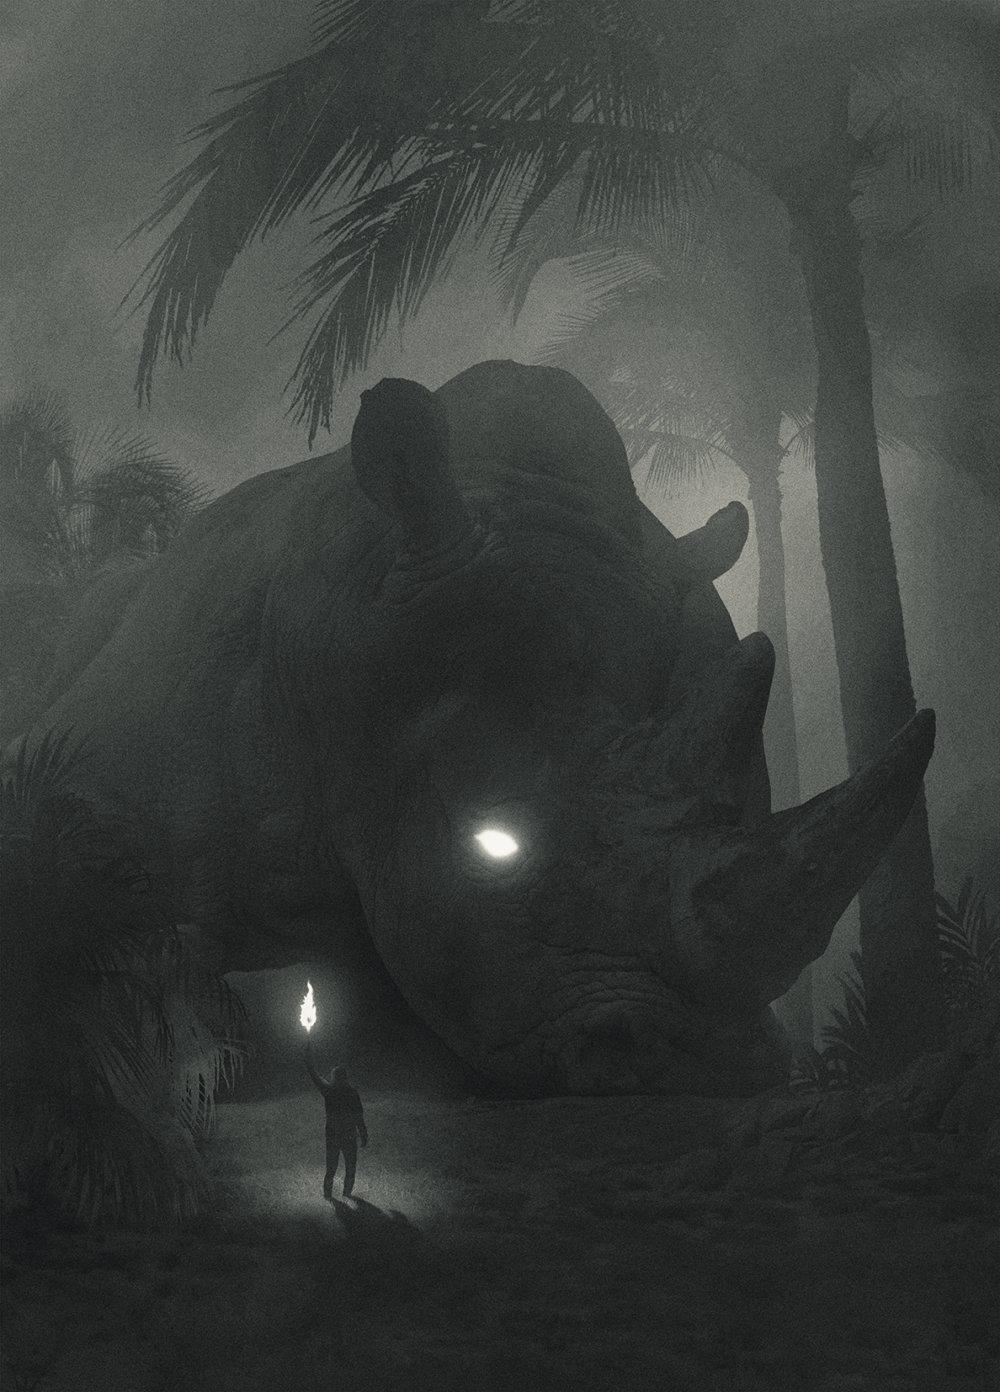 Fabulous Illustrations Of Mystic Beings In Gloomy Scenarios By Dawid Planeta 7